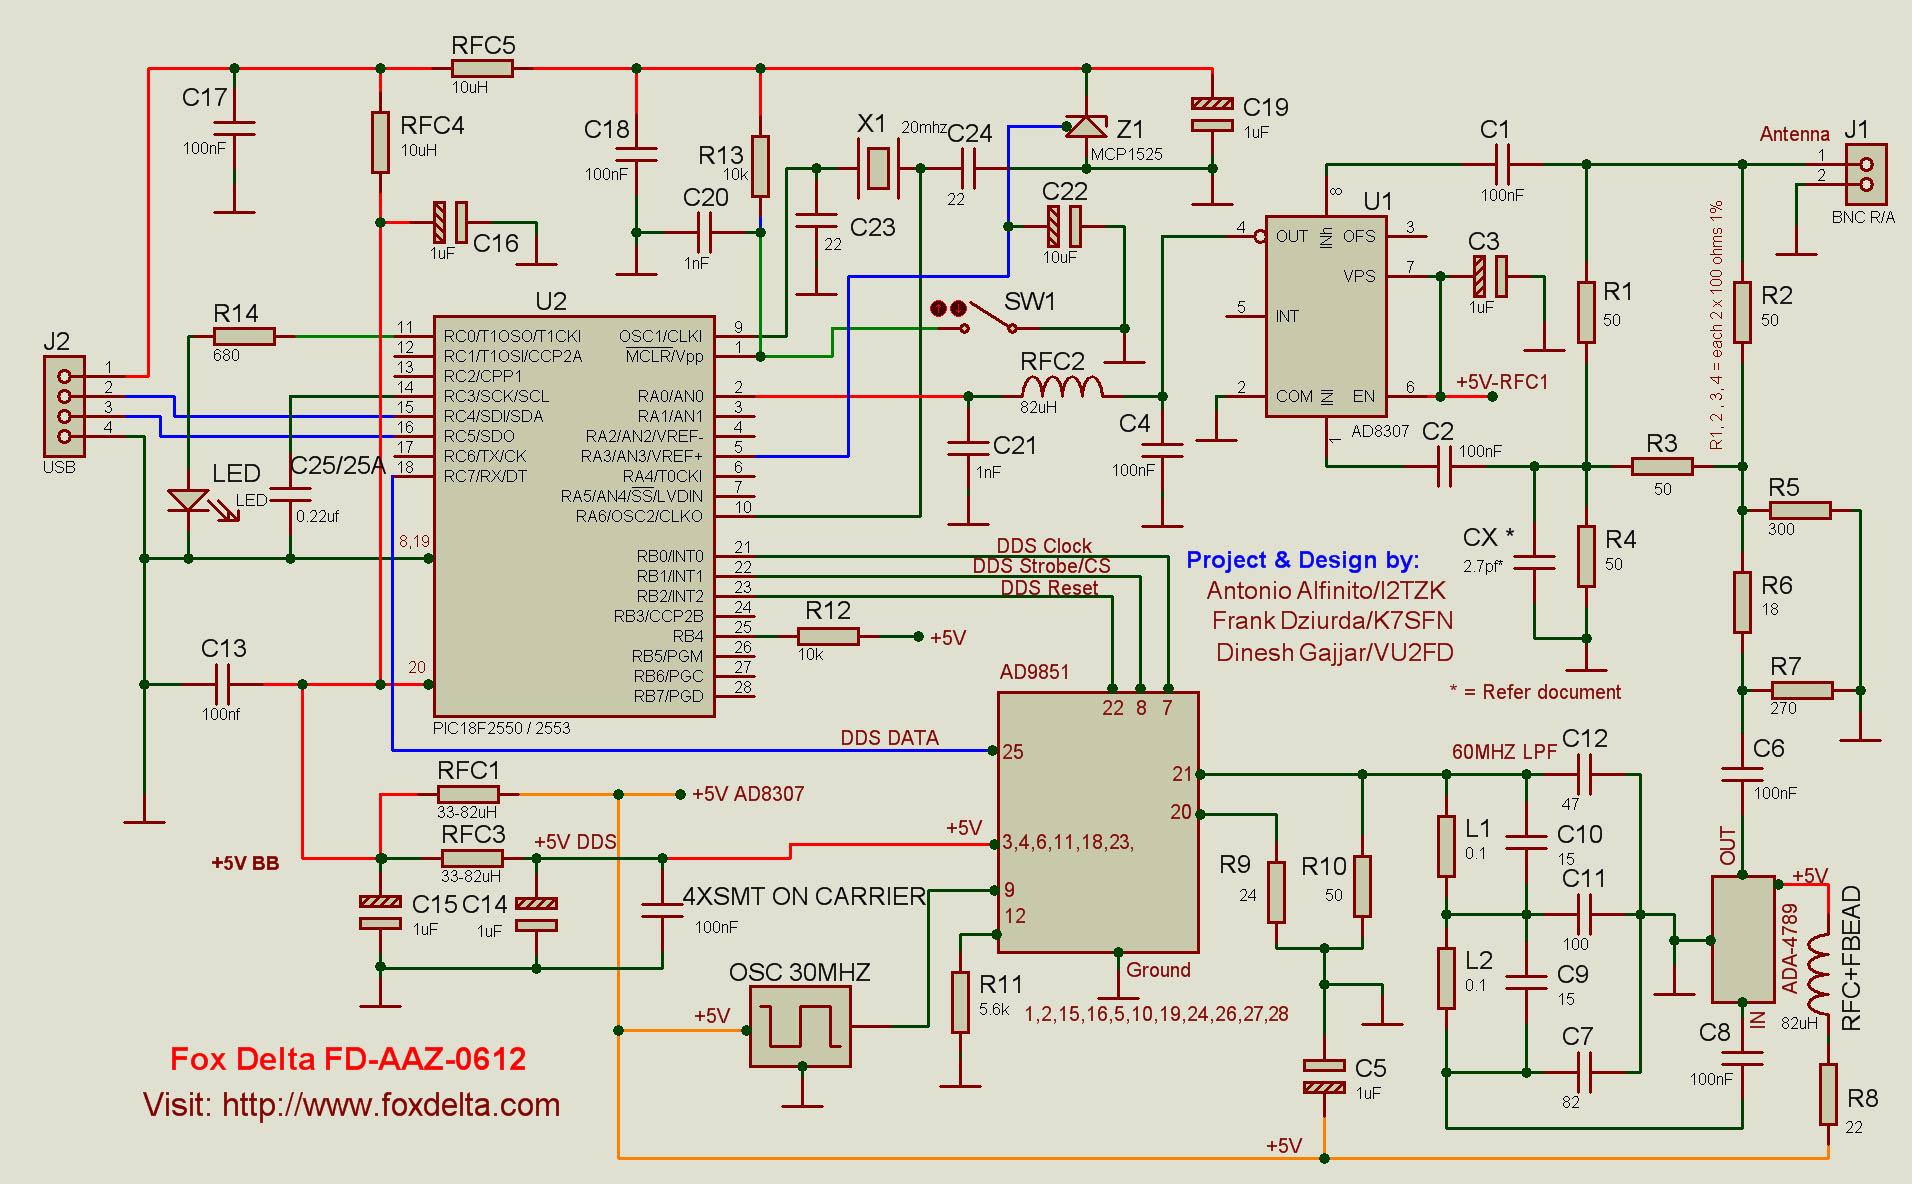 LCD PIC18F2550/2553 30MHZ USB POWERED ANTENNA ANALYZER:By Tony/I2TZK